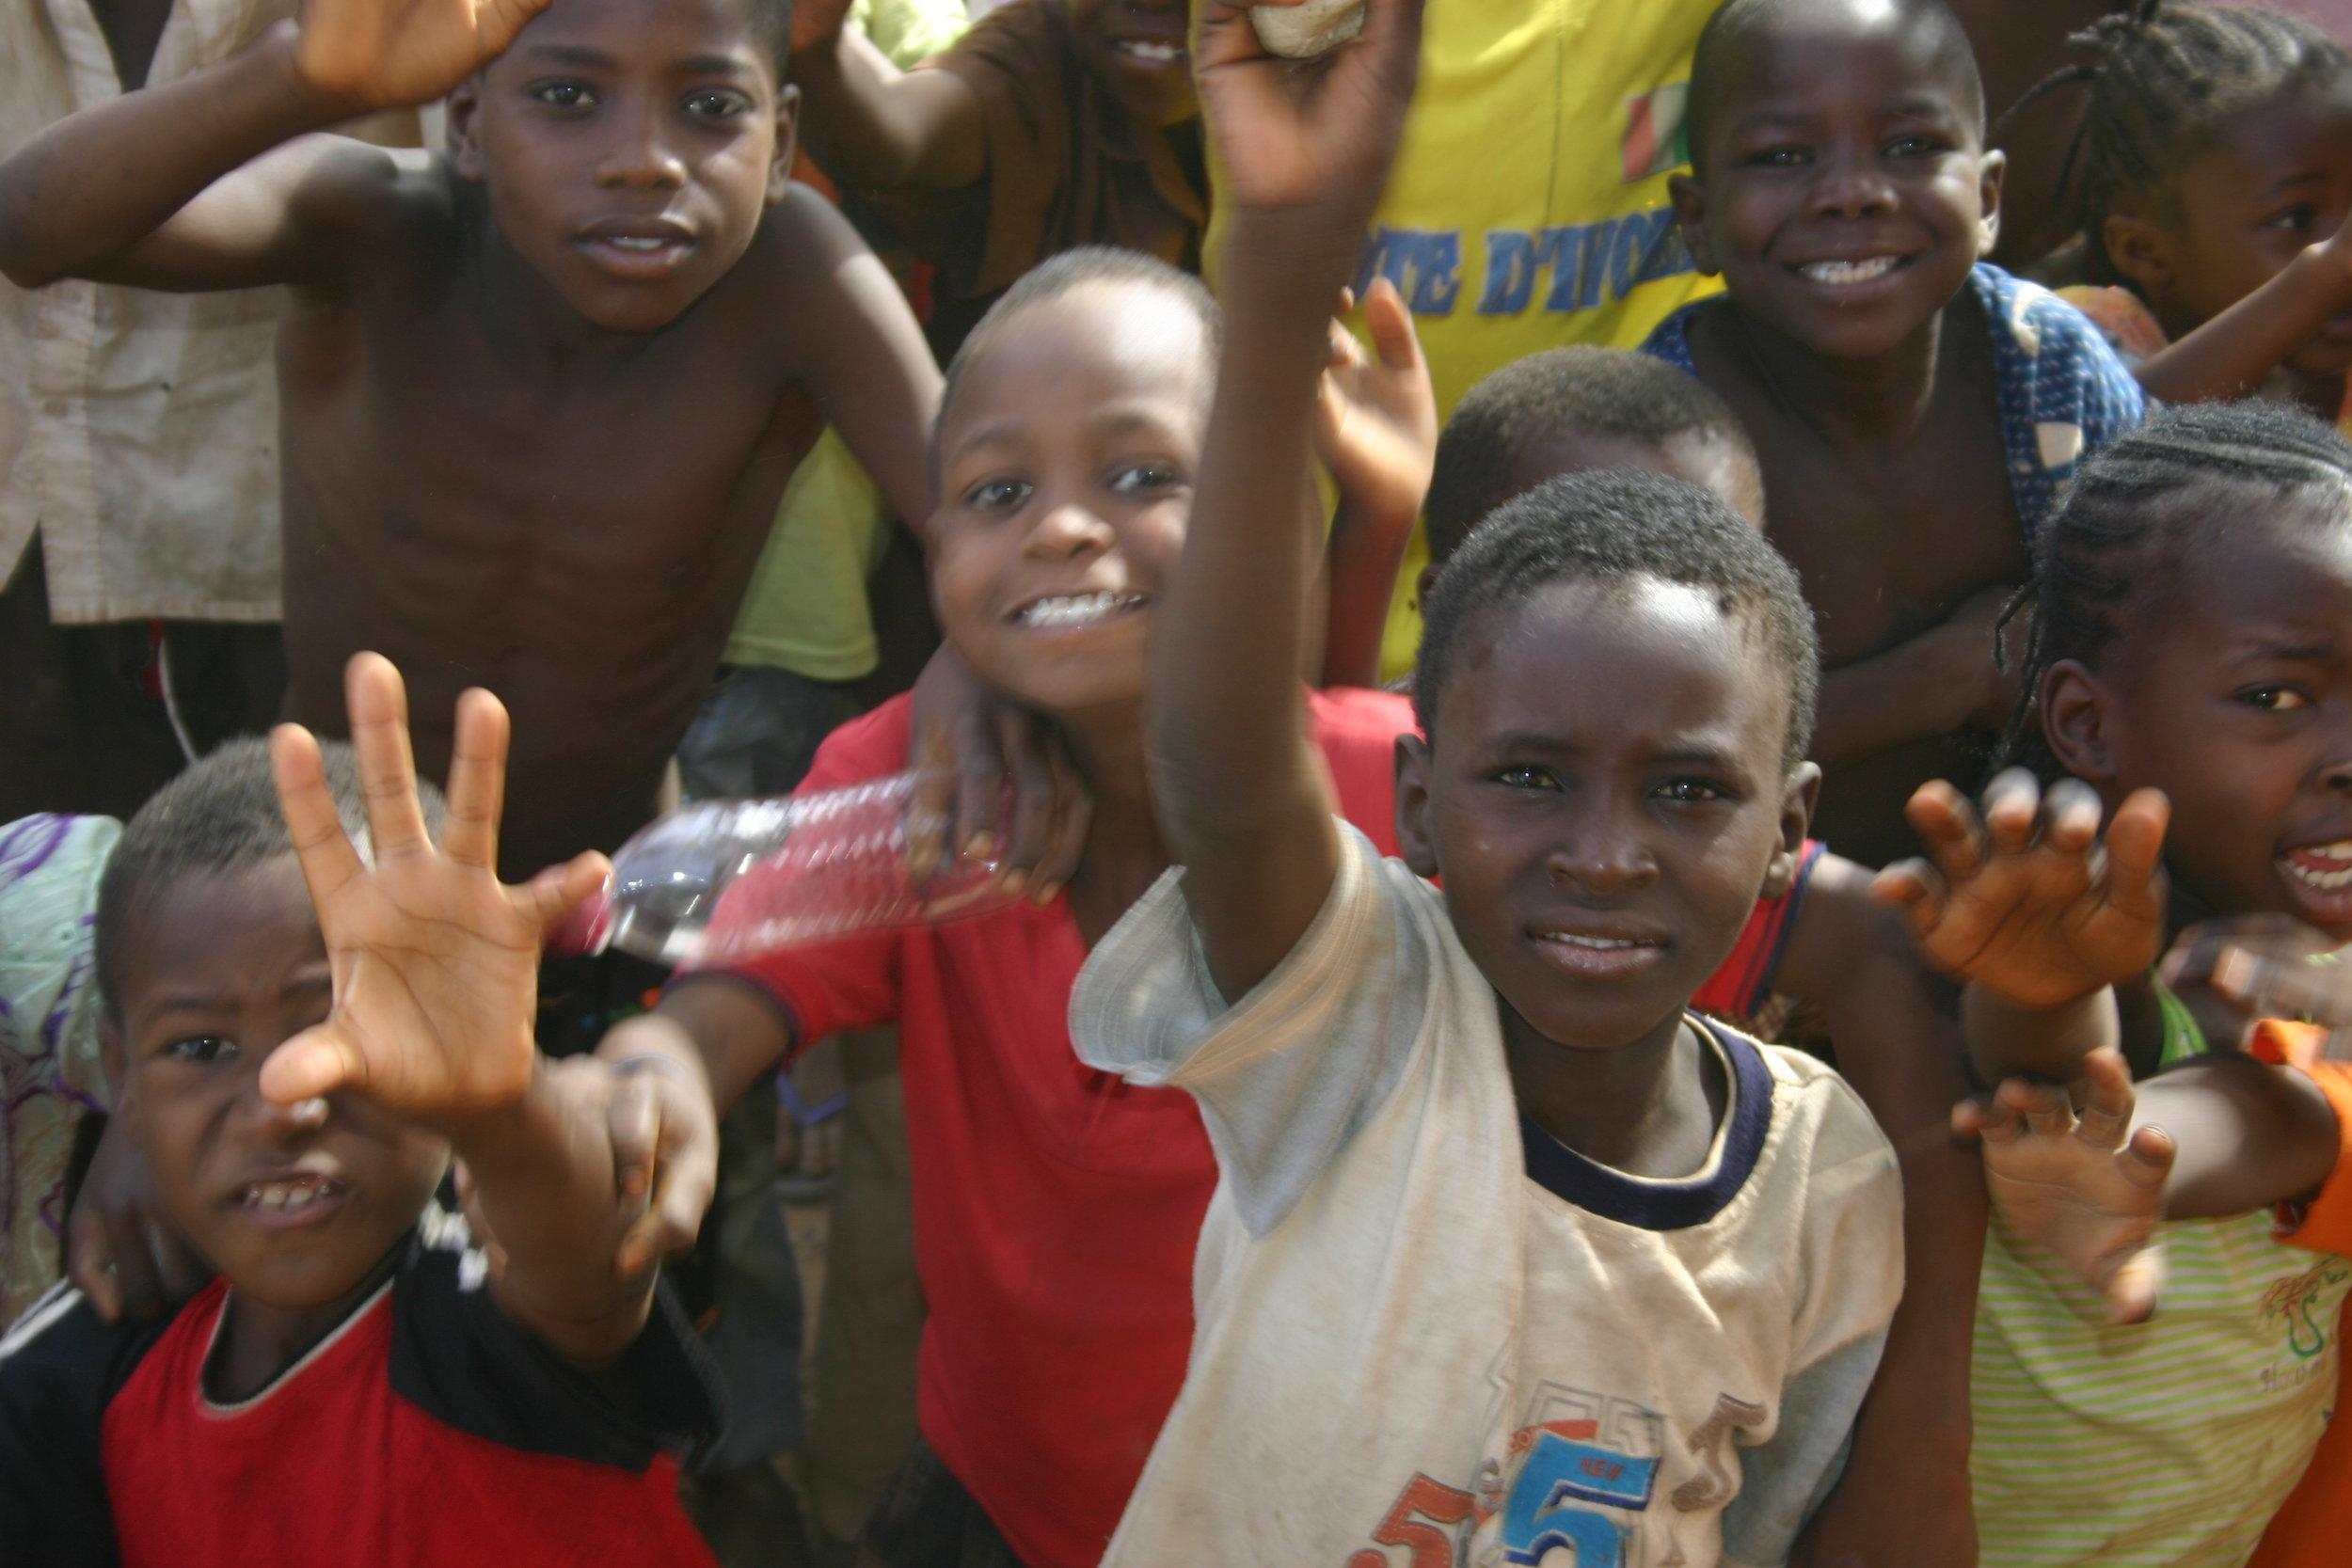 Niños de color en Liberia jugando